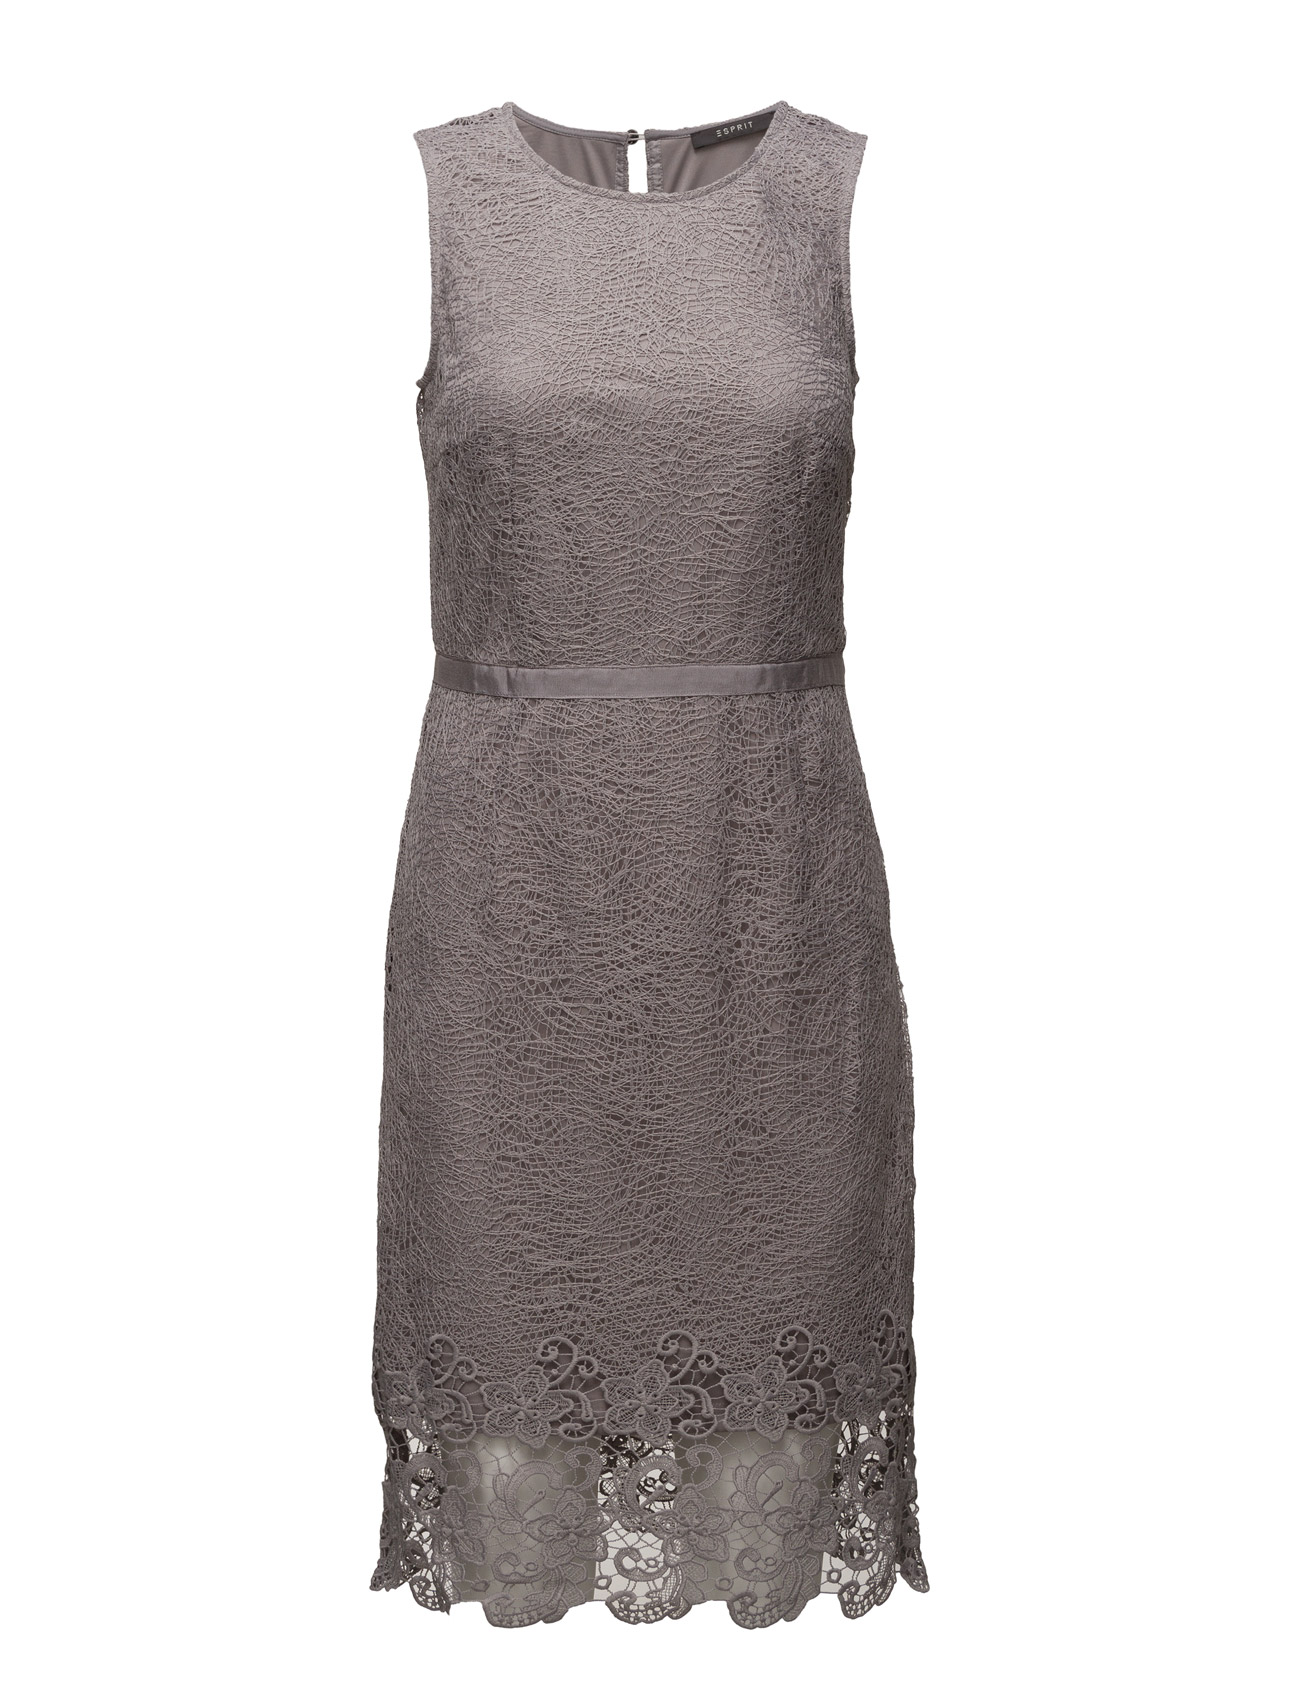 Dresses Light Woven Esprit Collection Knælange & mellemlange til Kvinder i Grå